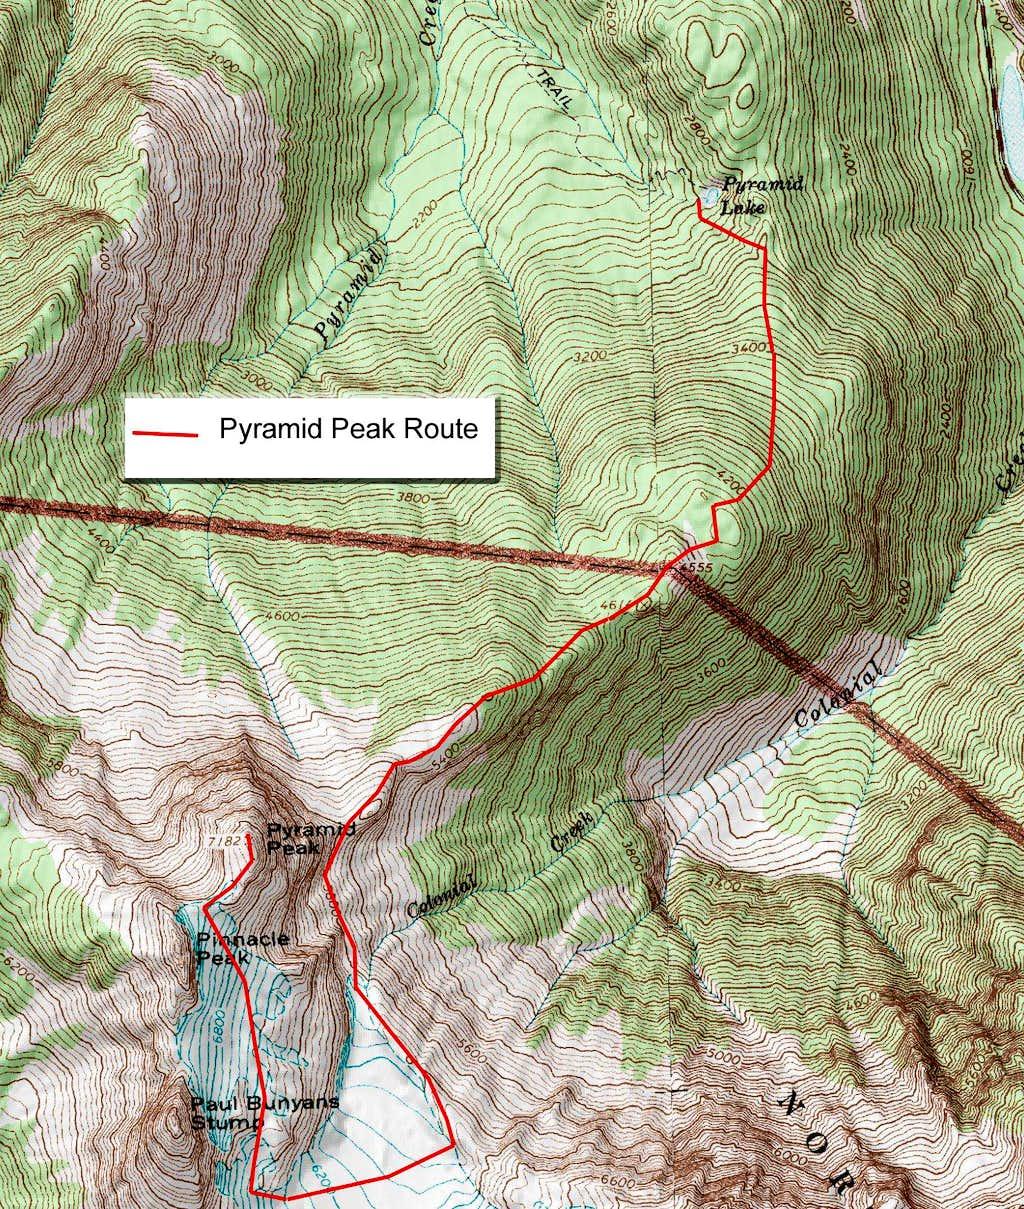 Pyramid Peak Route